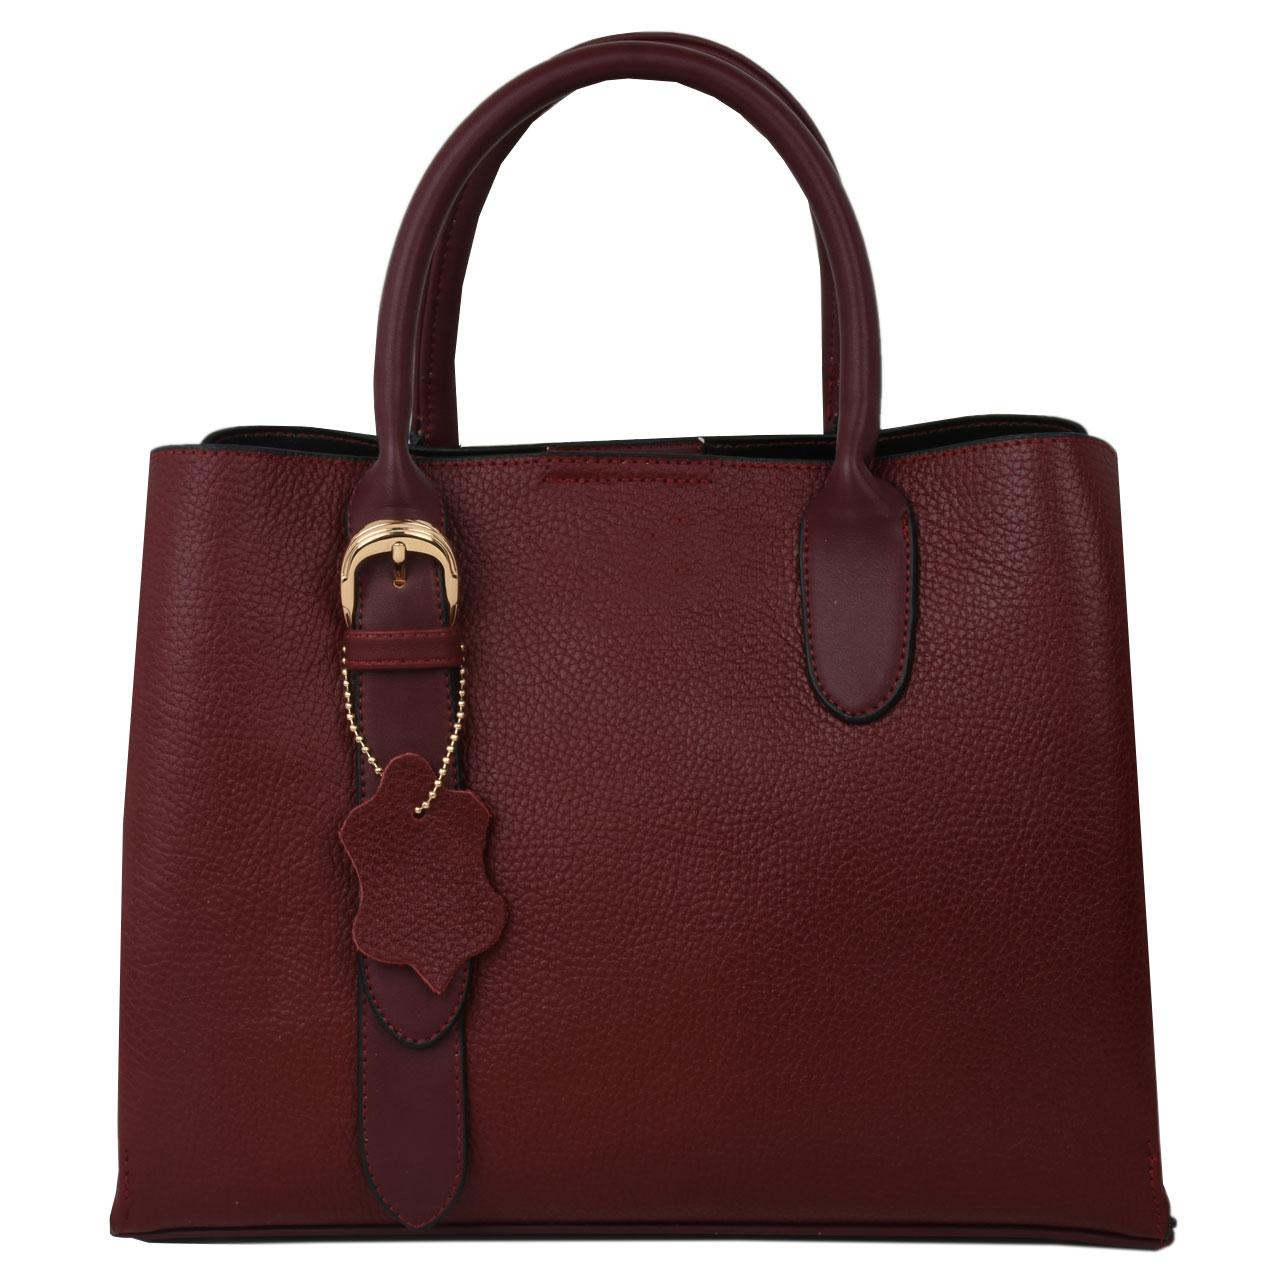 کیف دستی زنانه پارینه مدل PLV177-12-1566